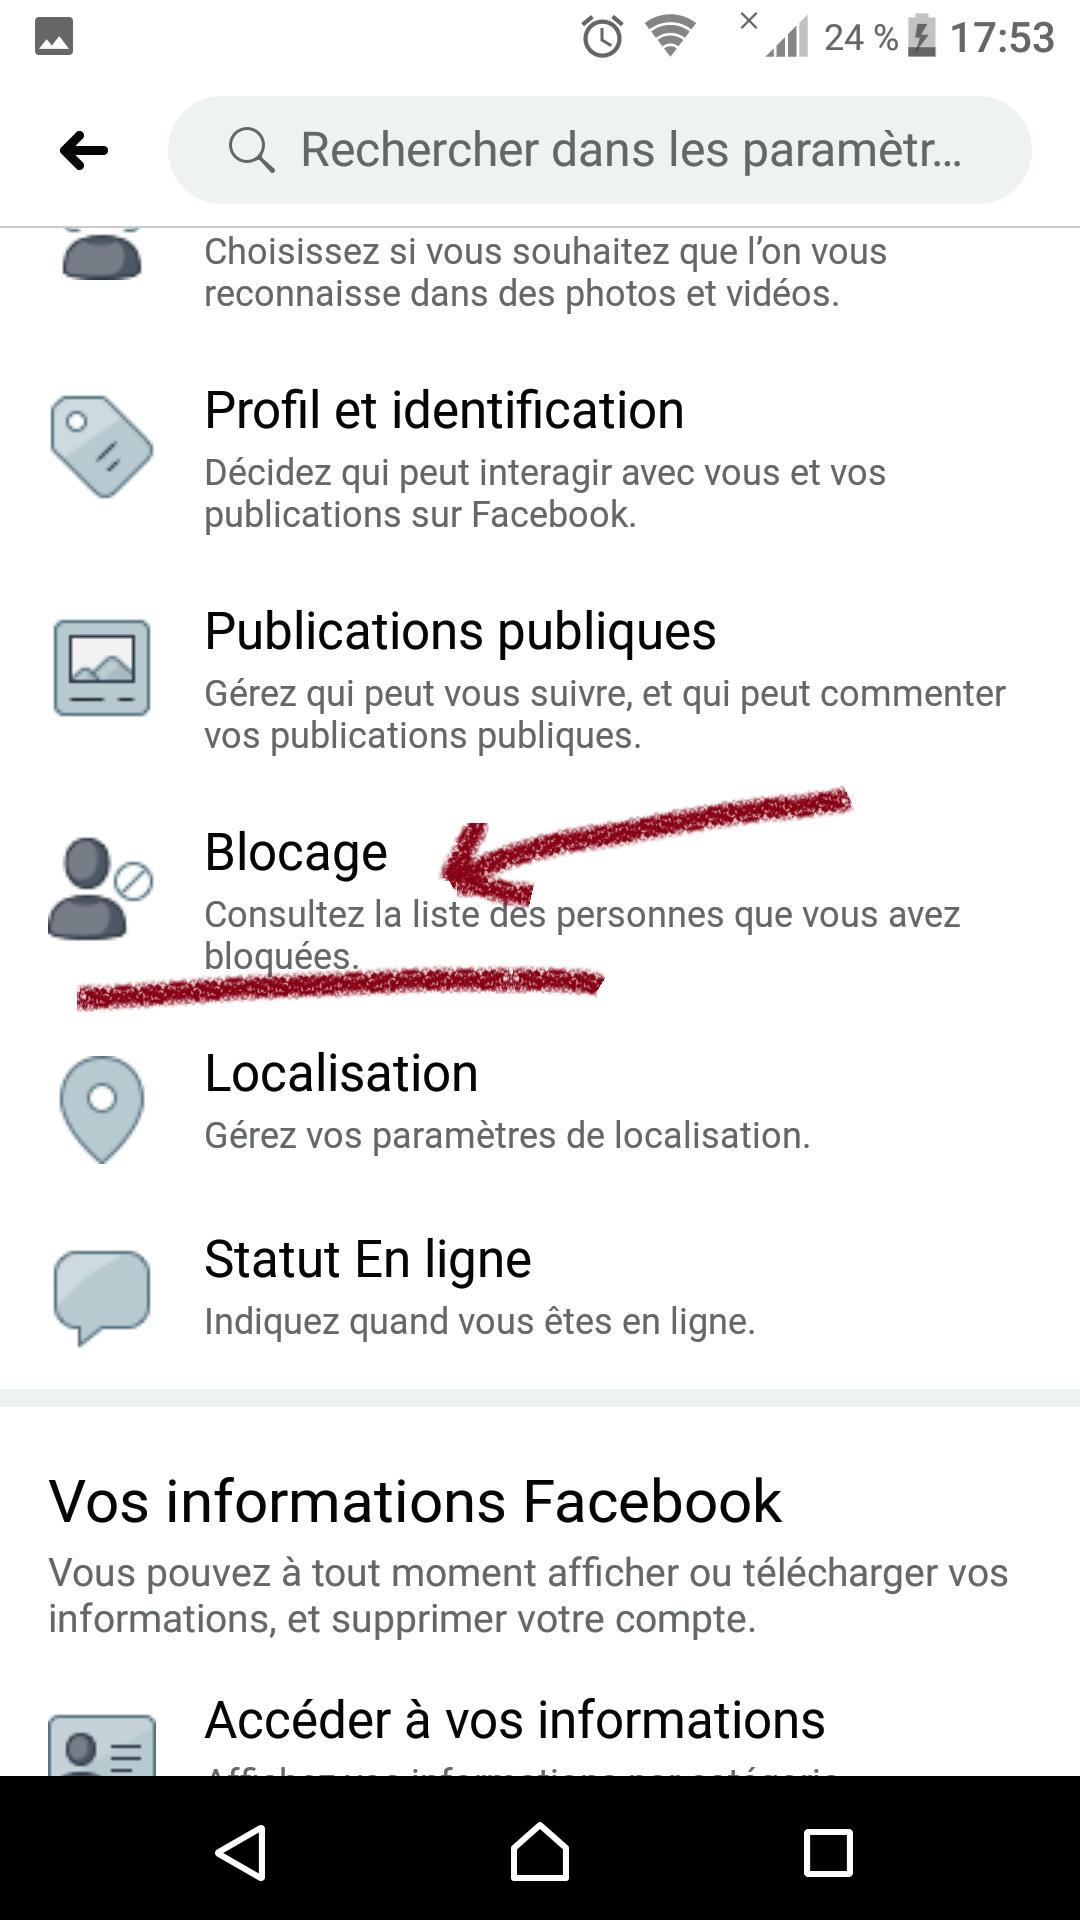 فك الحظر في فيسبوك